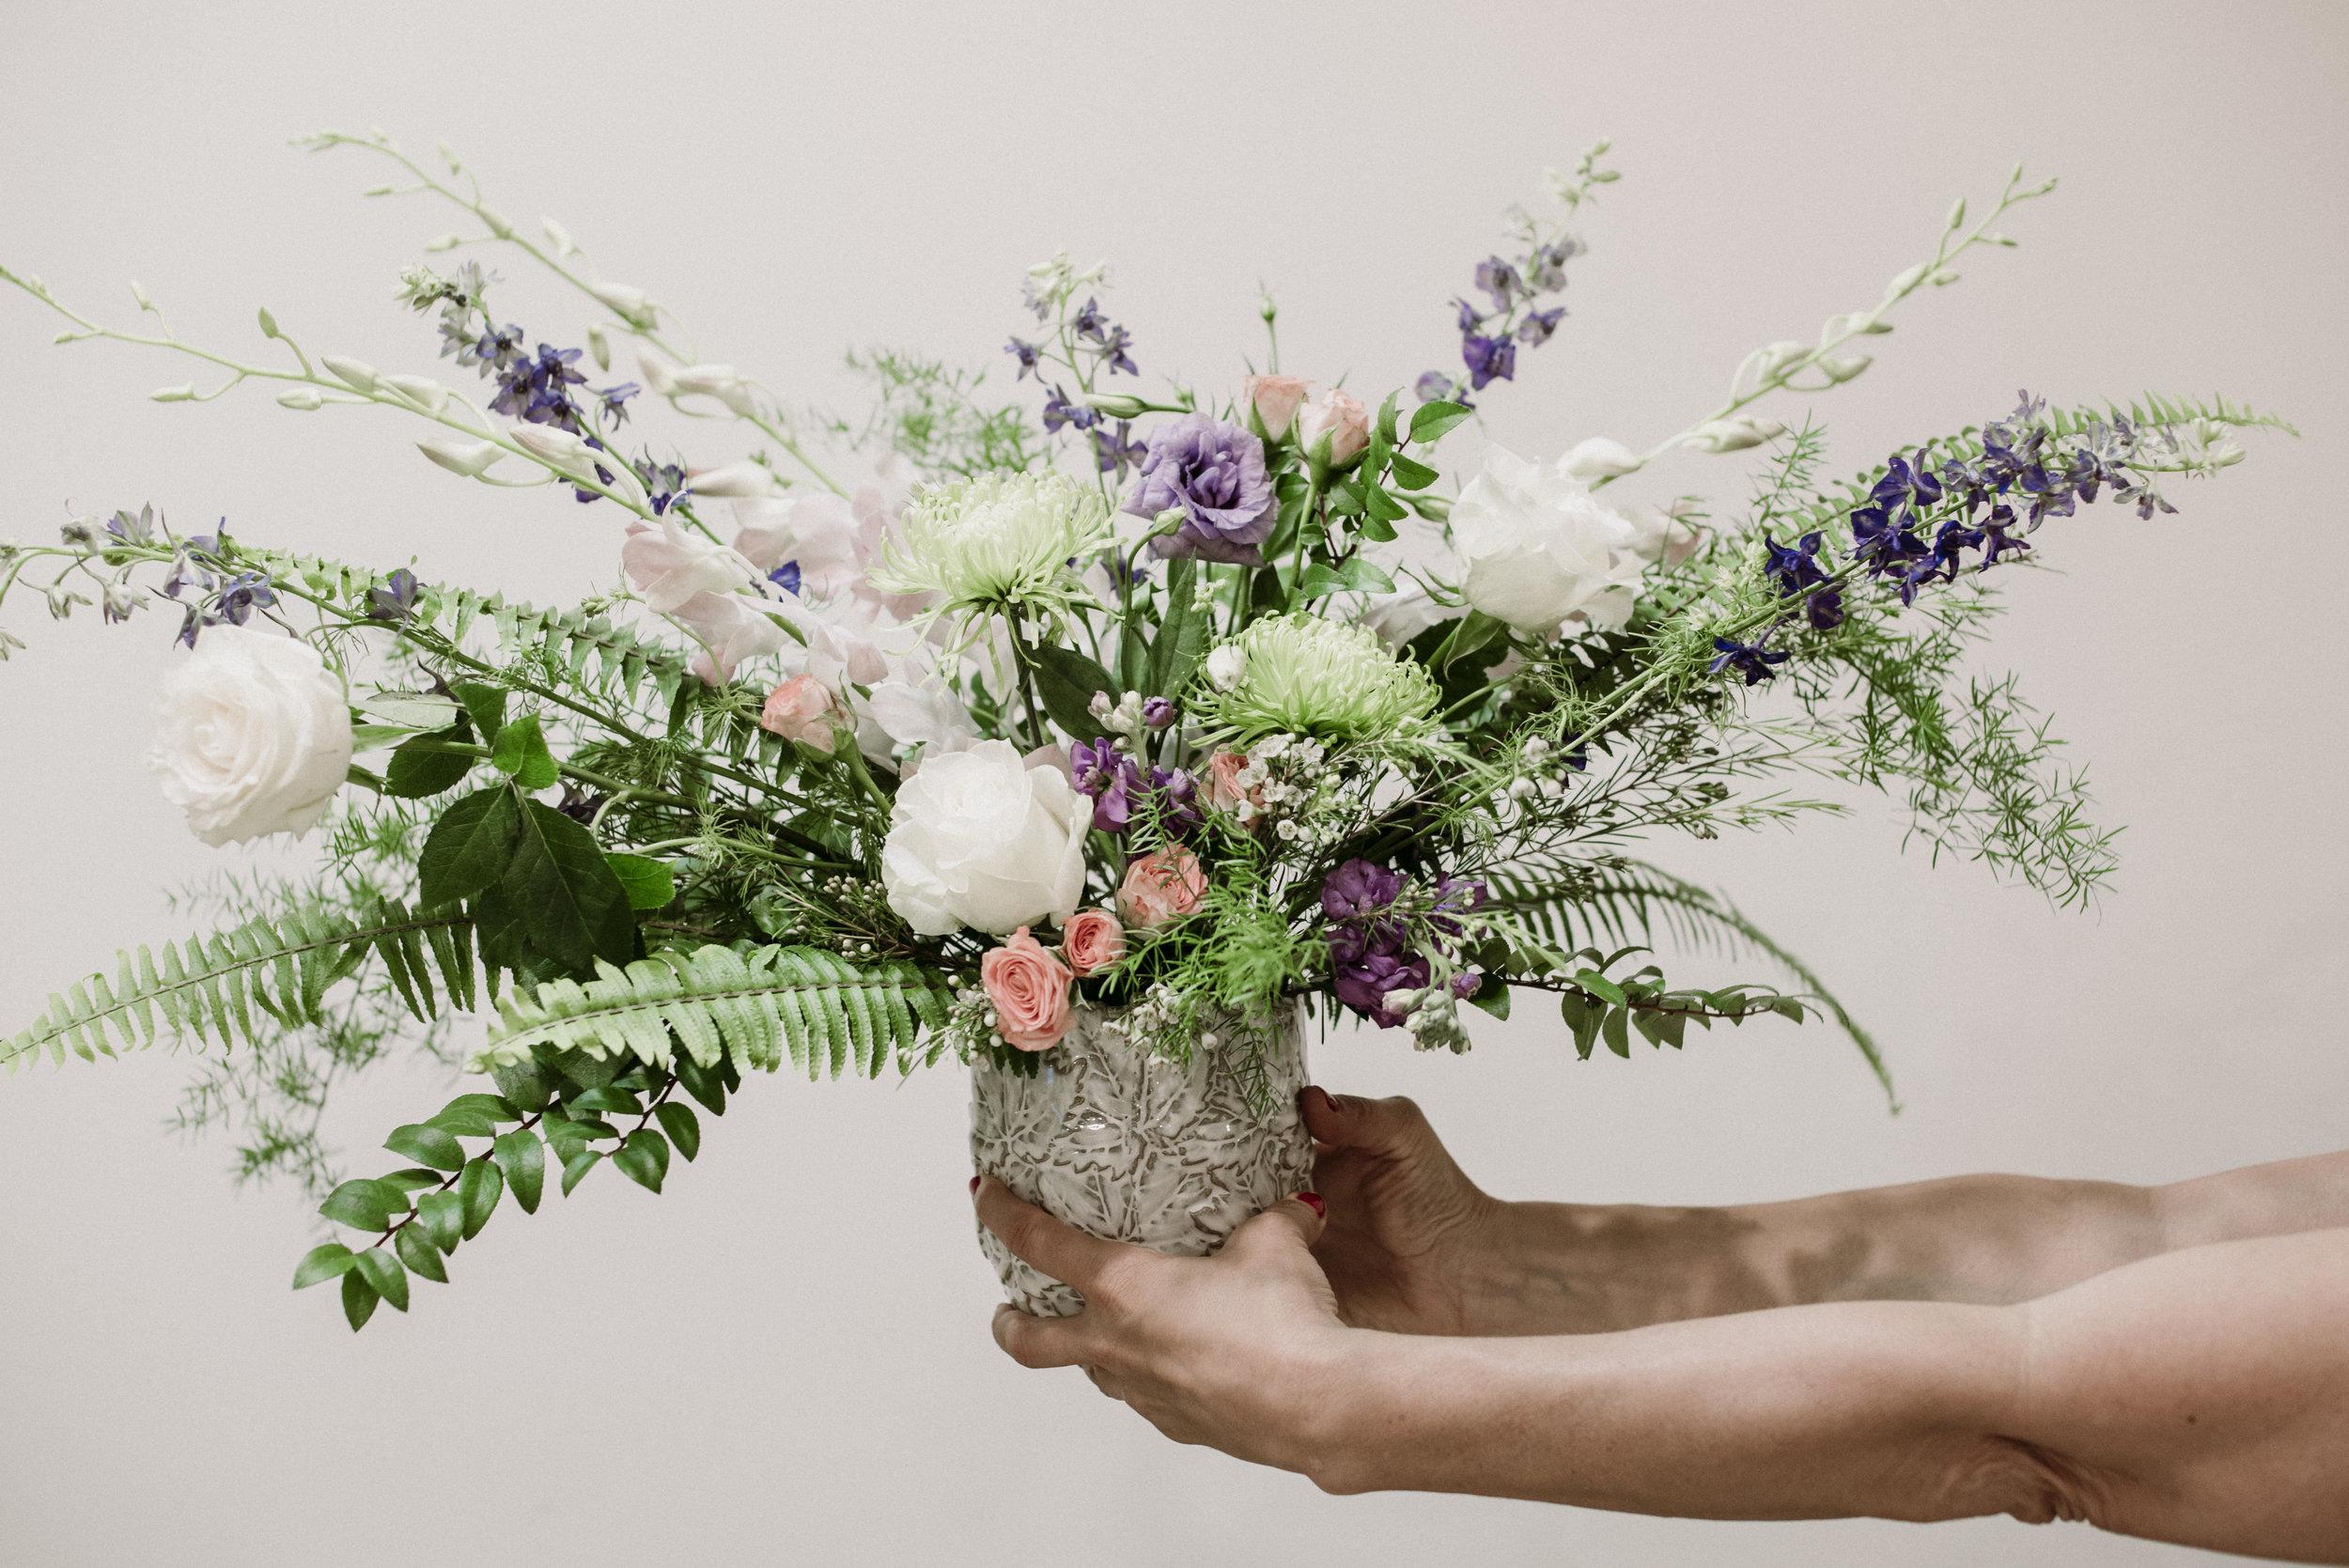 FLOWERS ??? WE GOT IT!